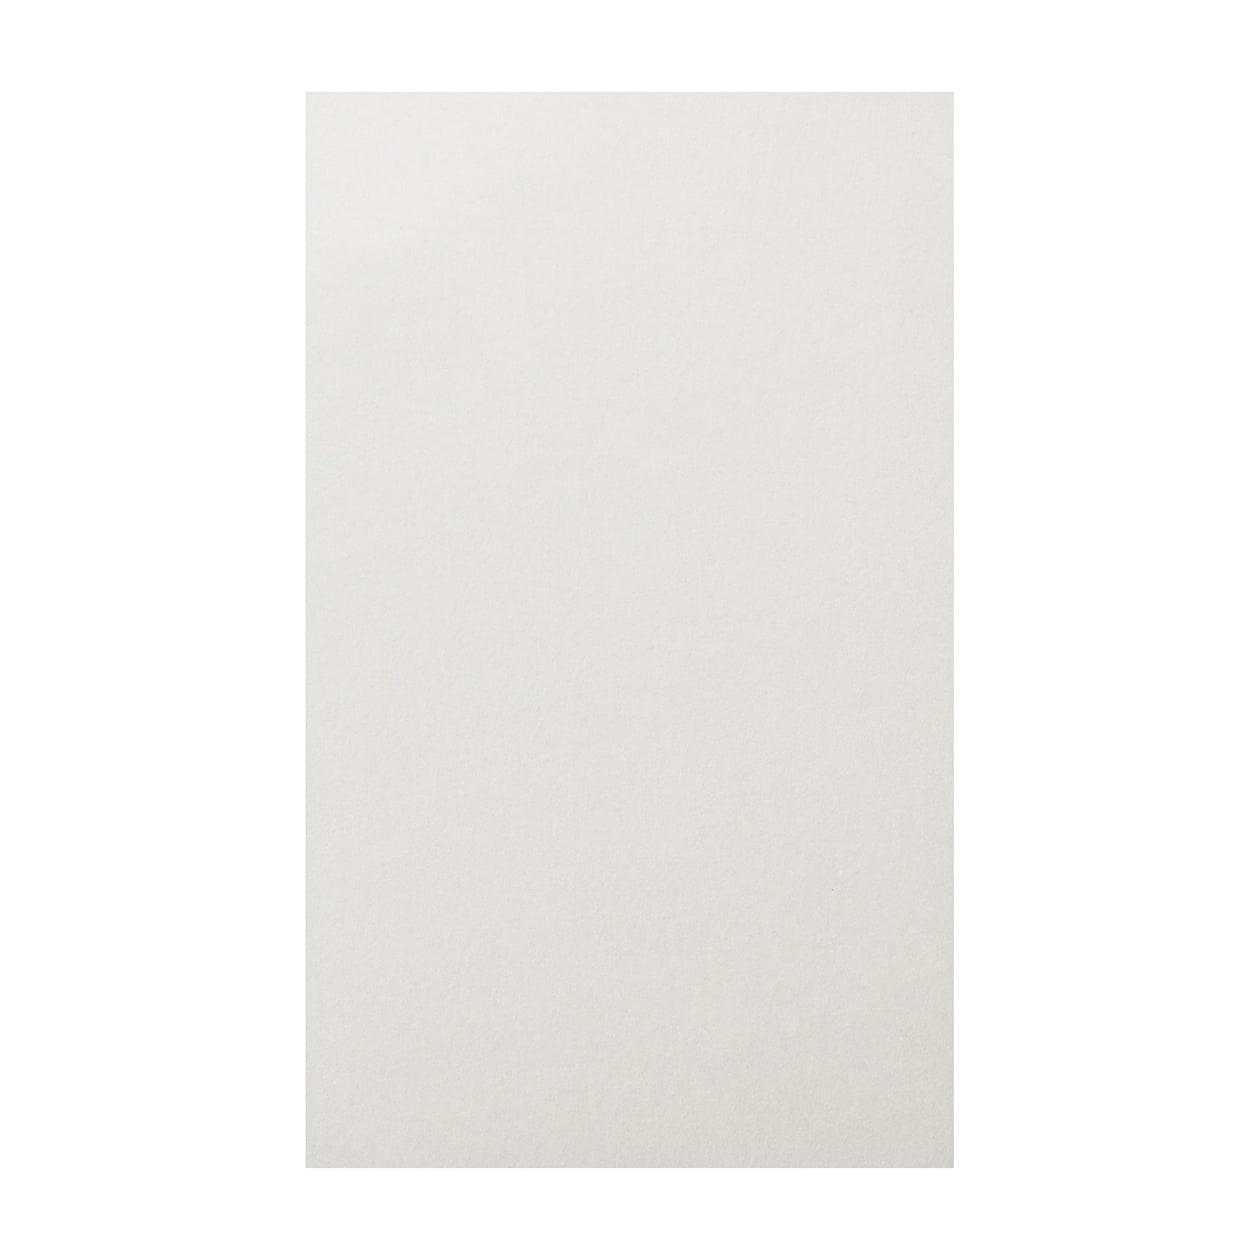 サンプル カード・シート 00316